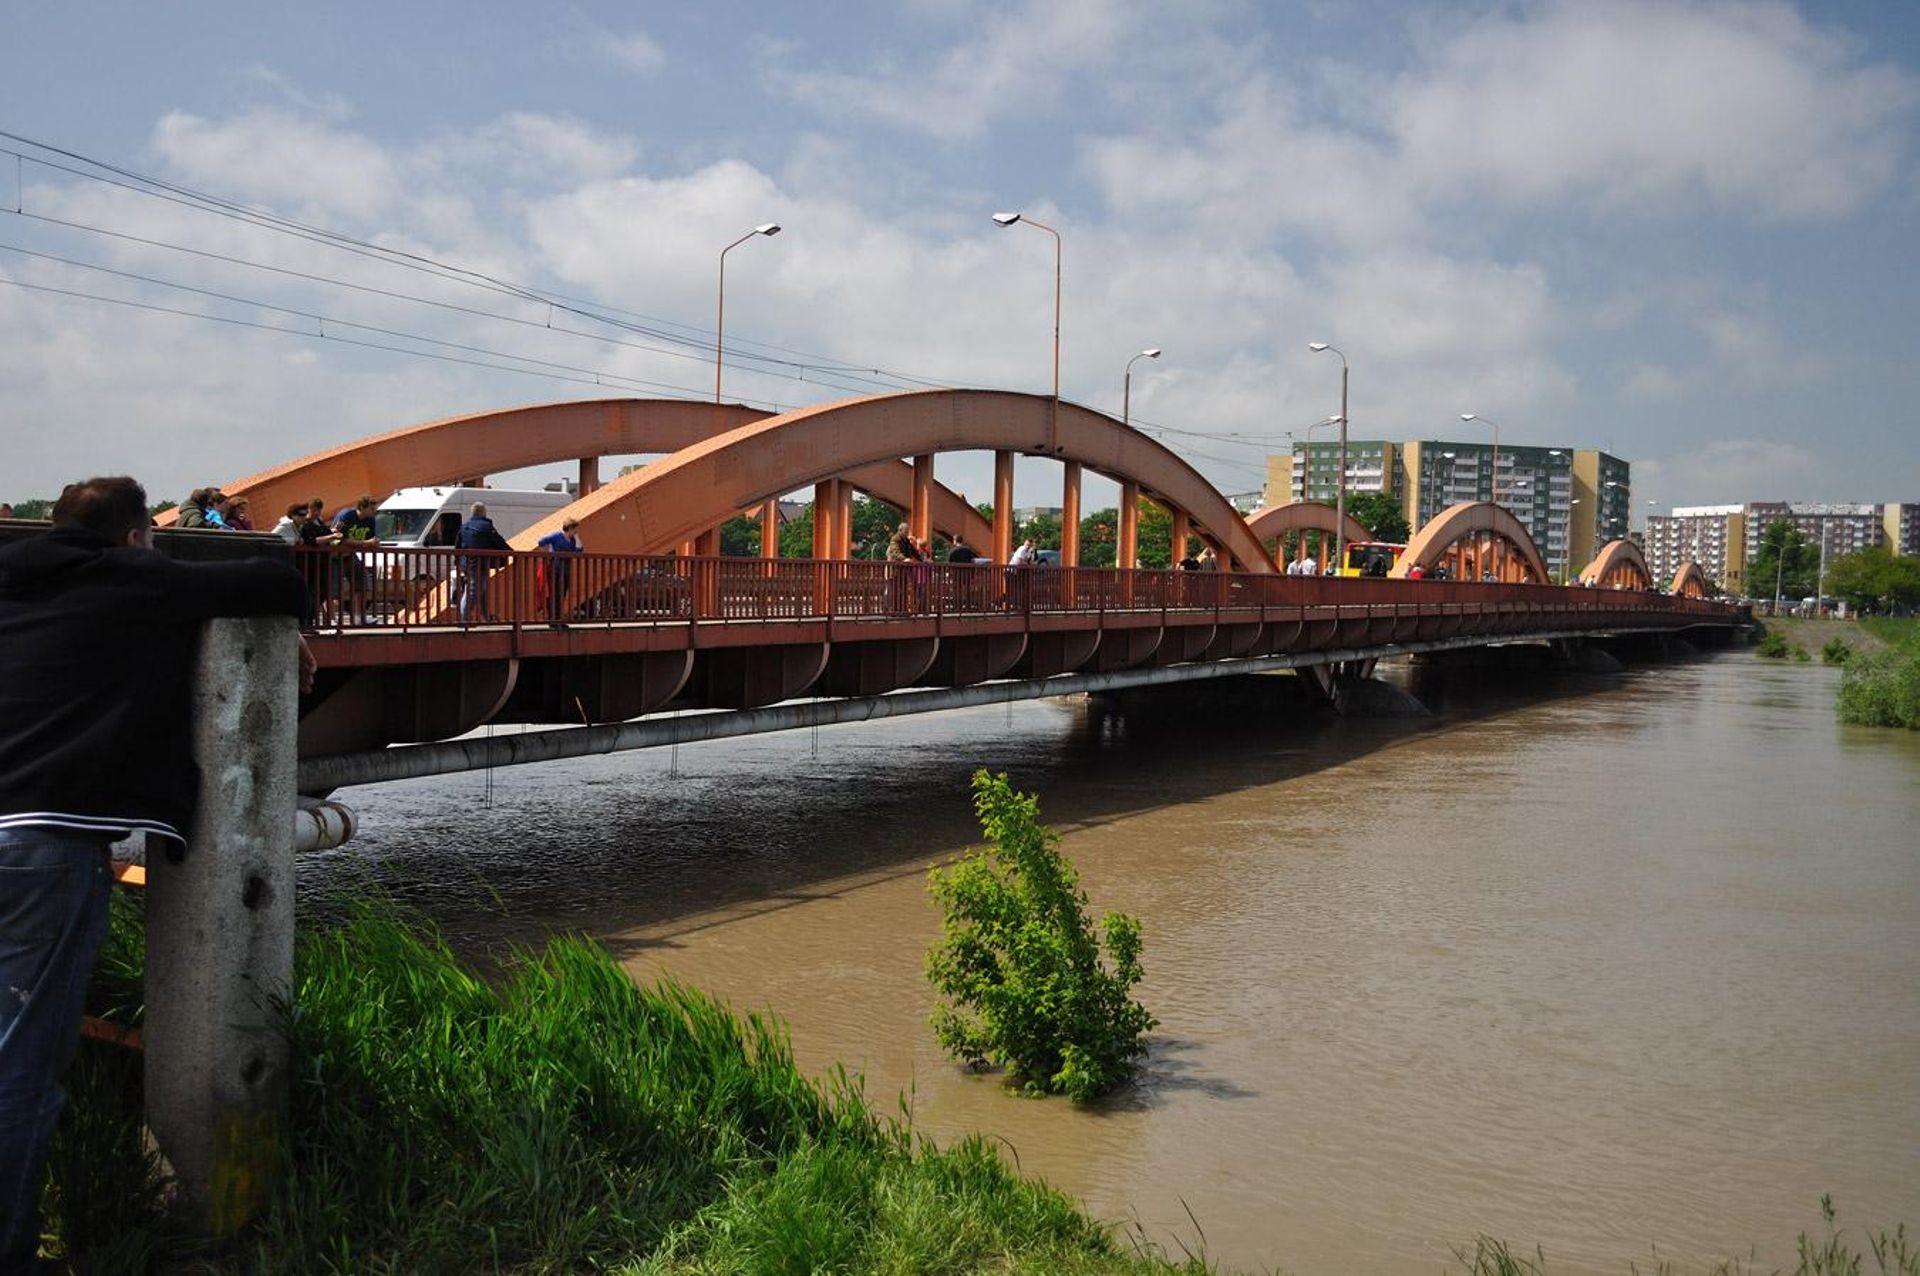 Podpisano umowę na zaprojektowanie przebudowy zabytkowych mostów Trzebnickich we Wrocławiu